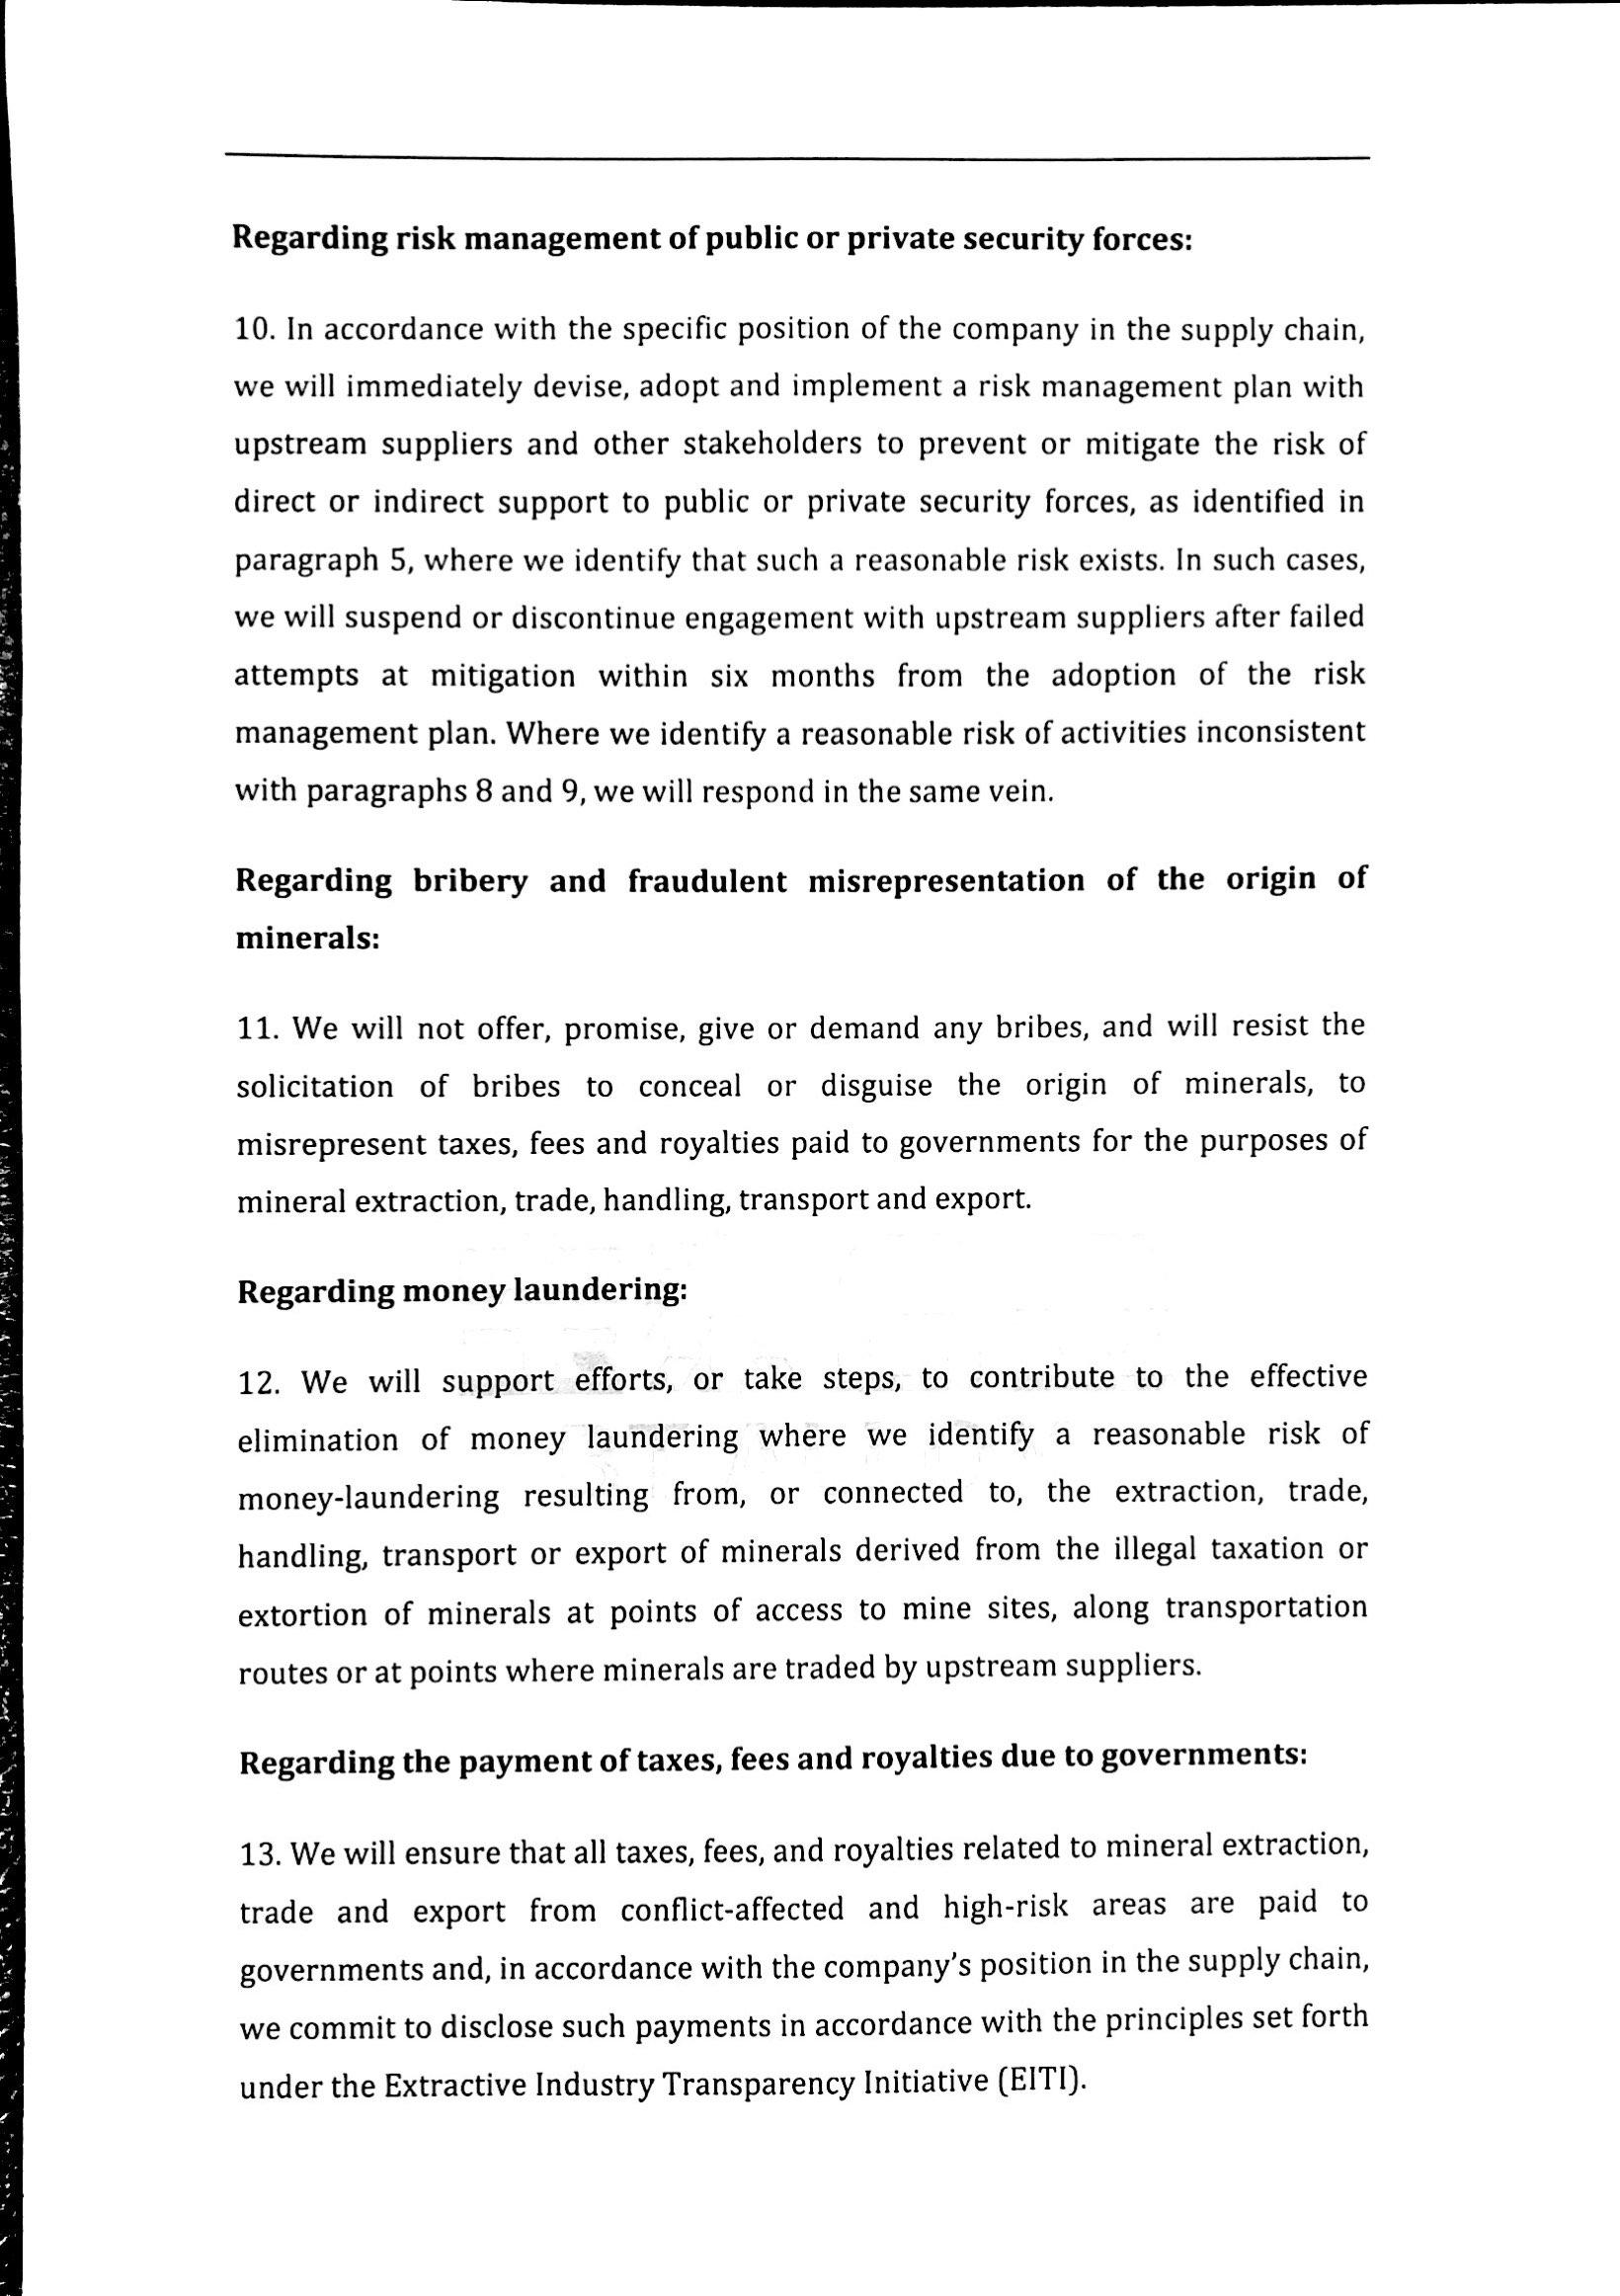 SHIZUISHAN BAOTAI ALLOY CO., LTD. Conflict Minerals Policy